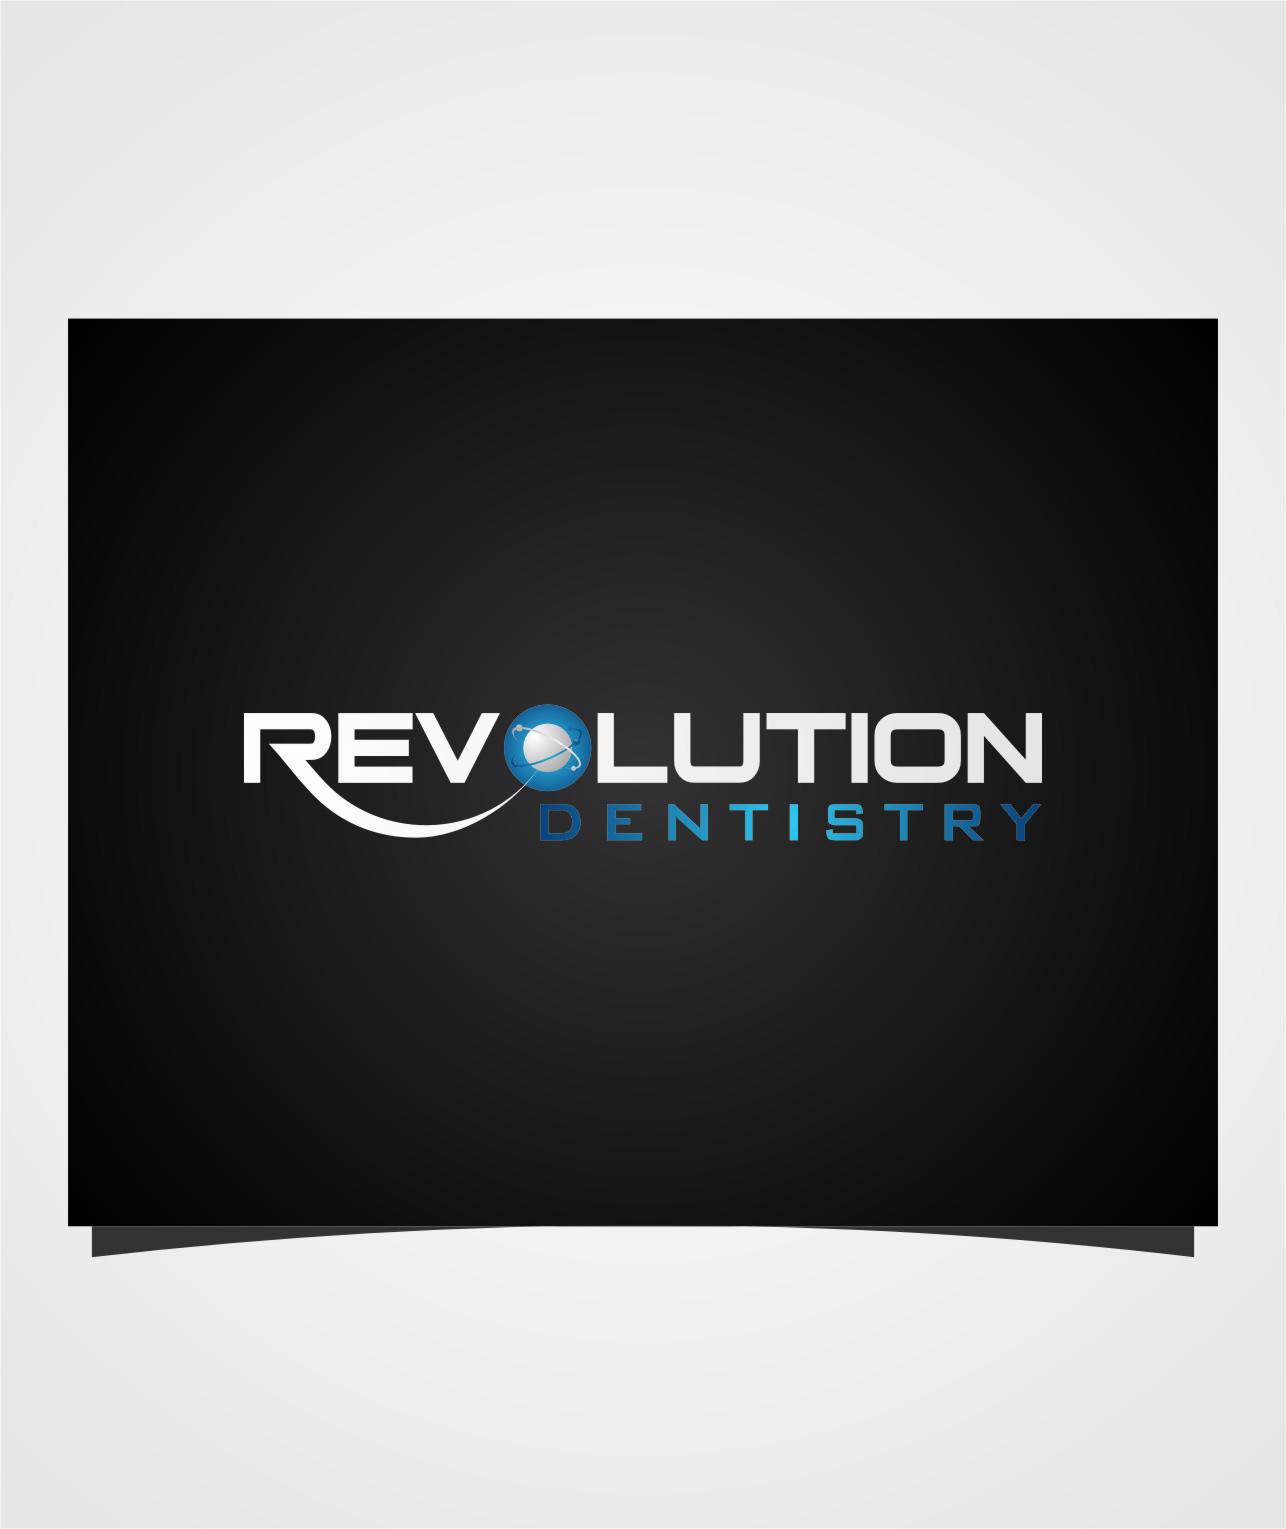 Logo Design by RasYa Muhammad Athaya - Entry No. 54 in the Logo Design Contest Artistic Logo Design for Revolution Dentistry.